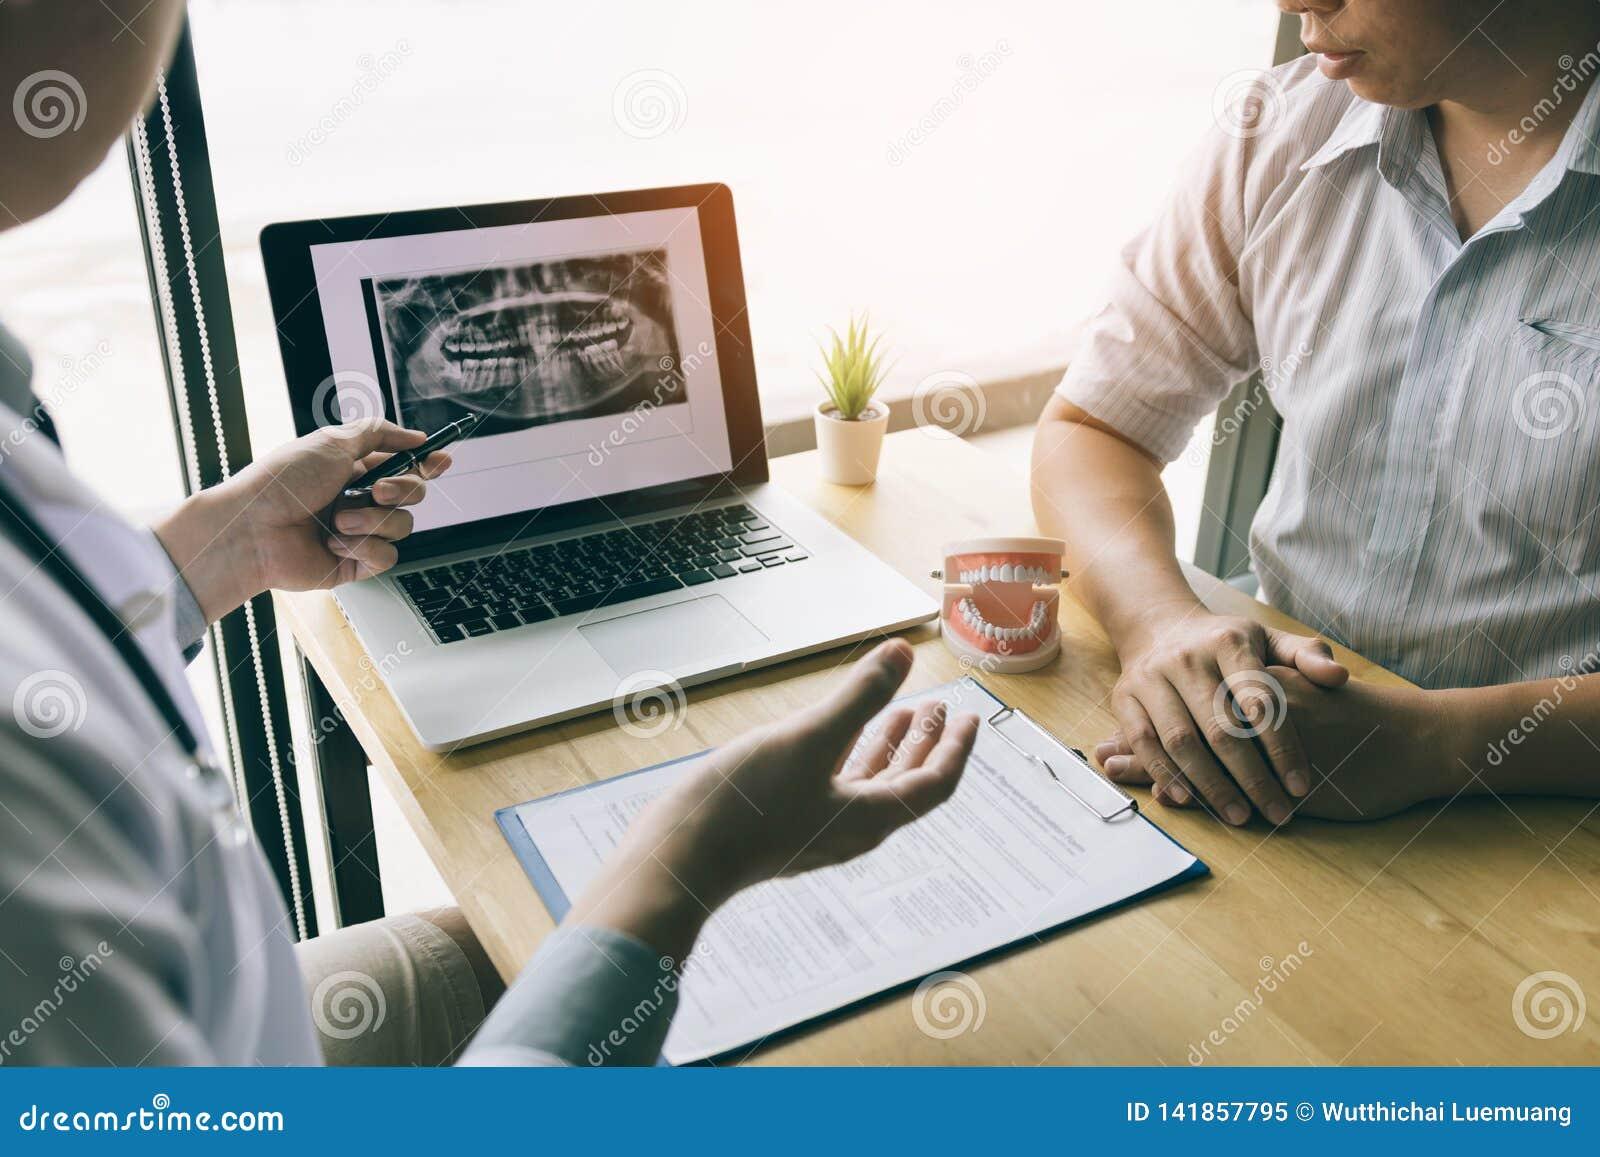 Los dentistas están discutiendo problemas dentales en la imagen de la radiografía del informe en la pantalla del ordenador portát